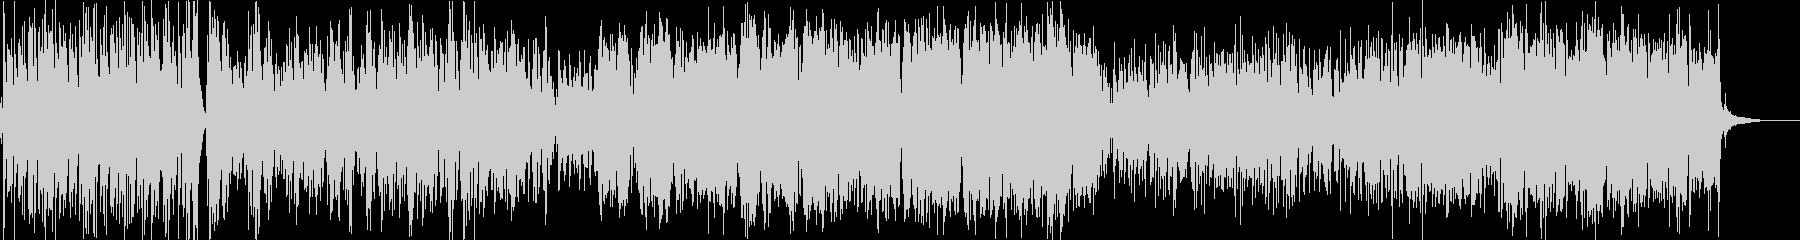 フォーキーなカントリー風BGMの未再生の波形